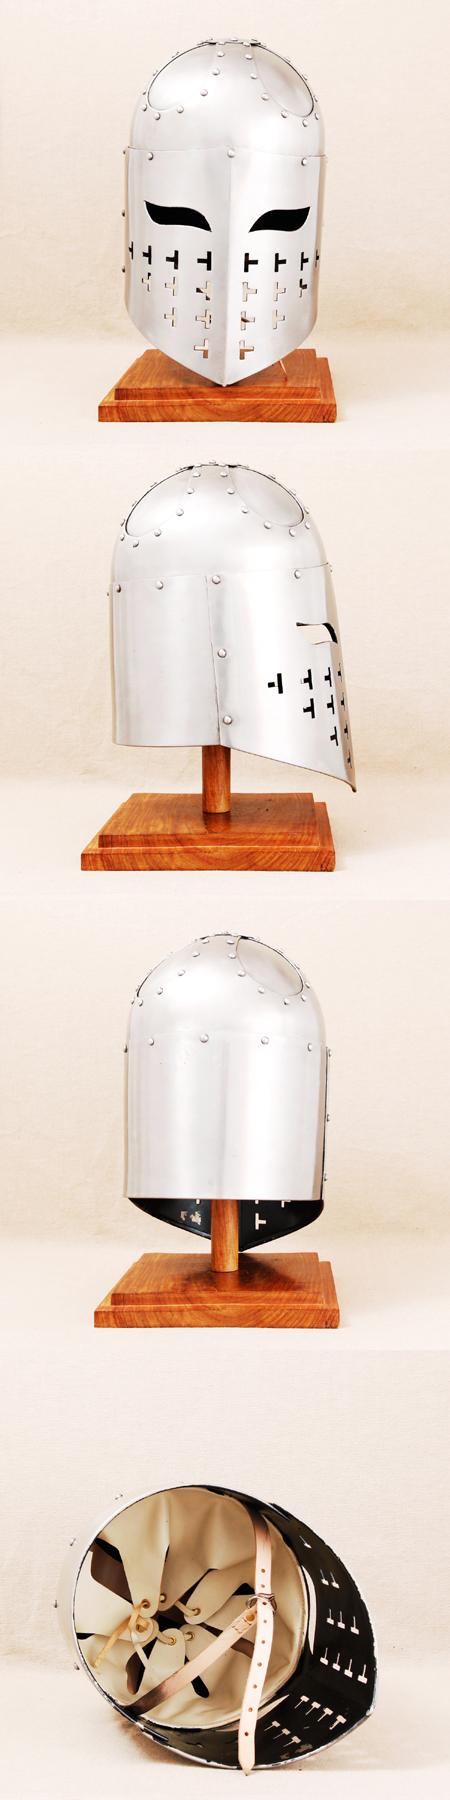 Starker, schwerer Mittelalter-Helm, schaukampffähig